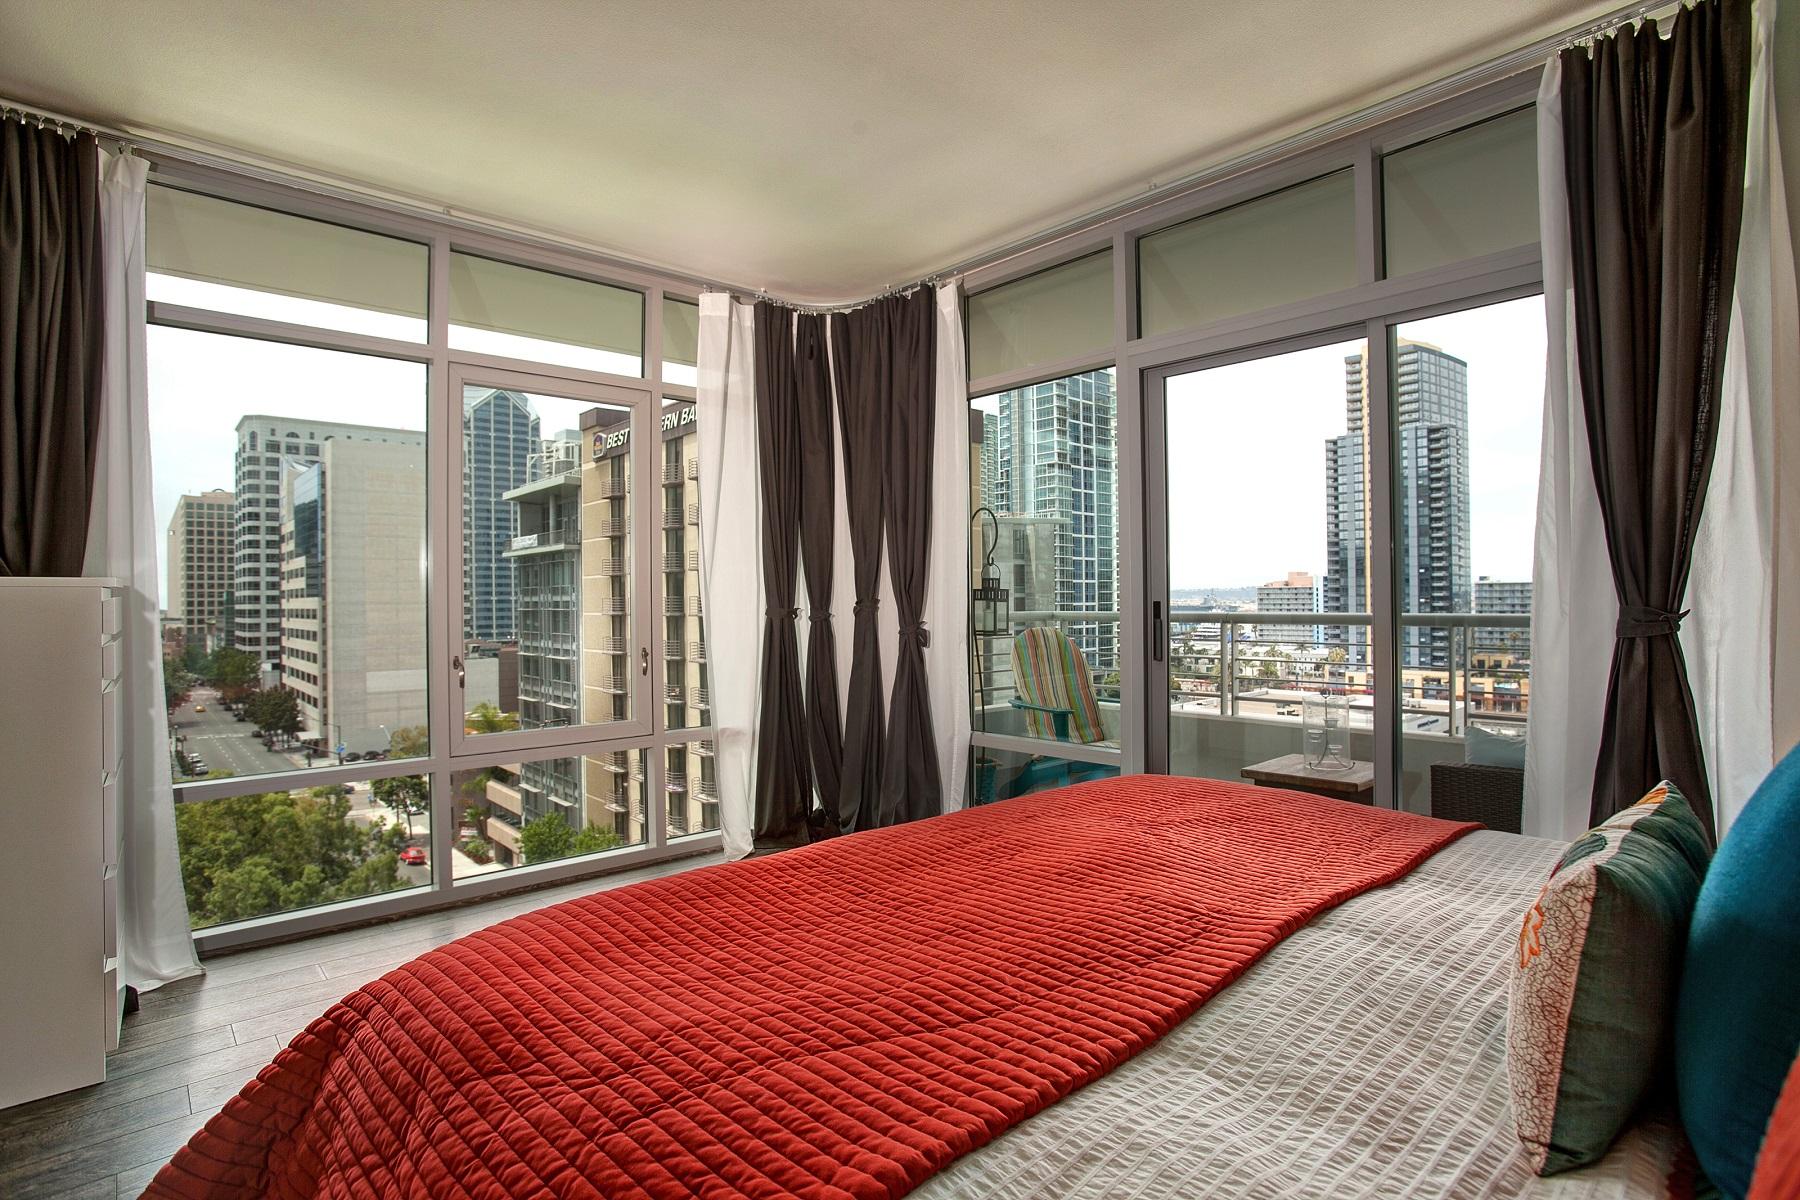 Appartement en copropriété pour l Vente à Acqua Vist 425 West Beech Street 904 Little Italy, San Diego, Californie 92101 États-Unis